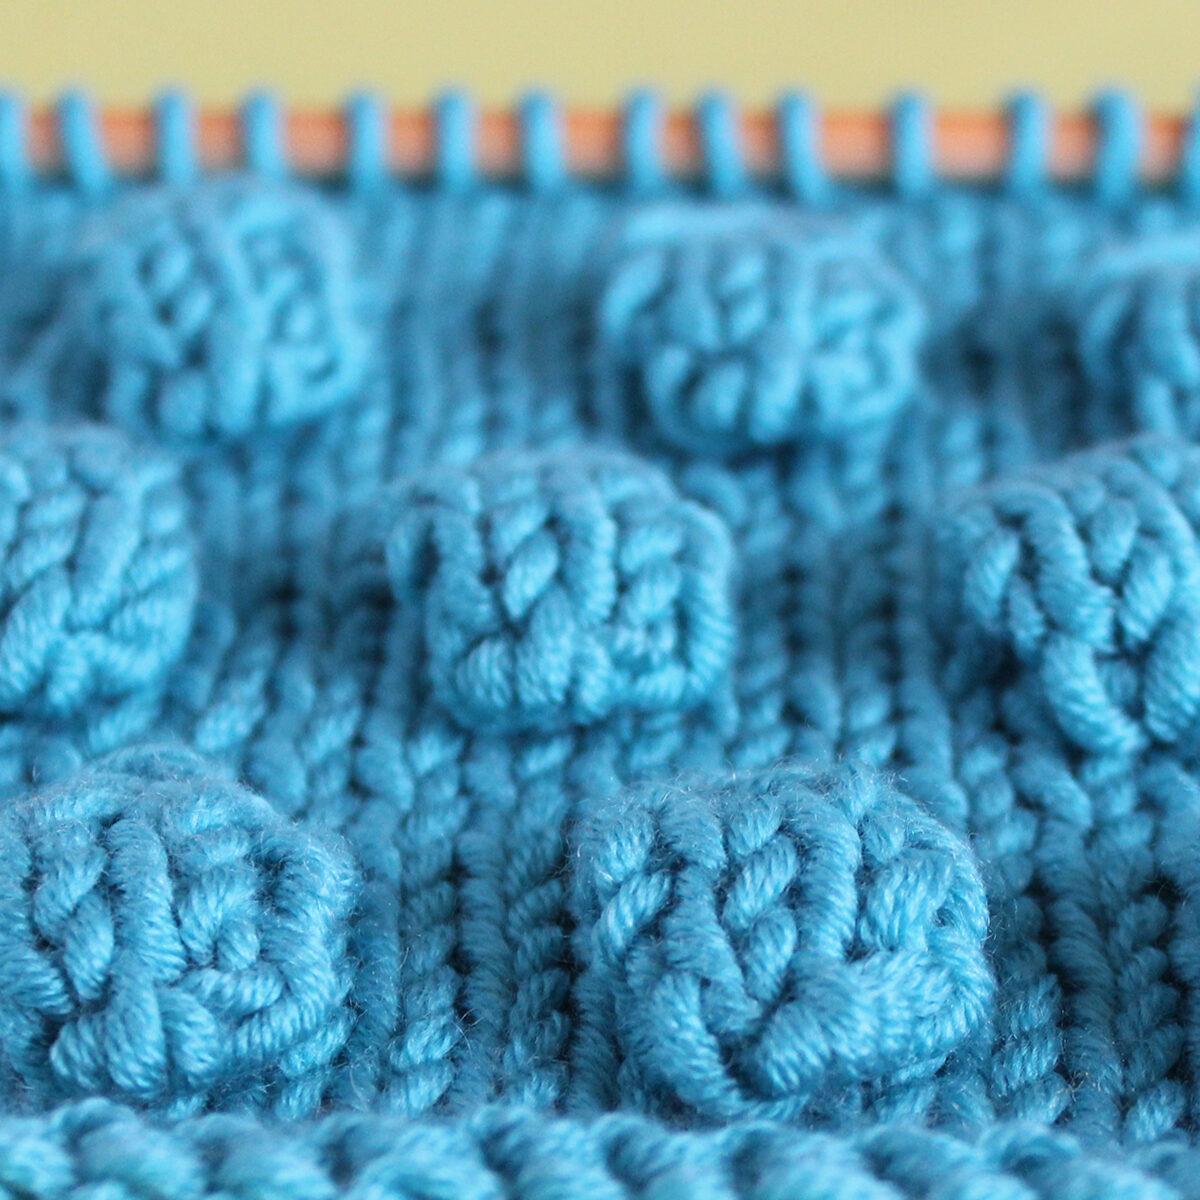 Bobbles in Stockinette Stitch na igli za pletenje u pređi plave boje.